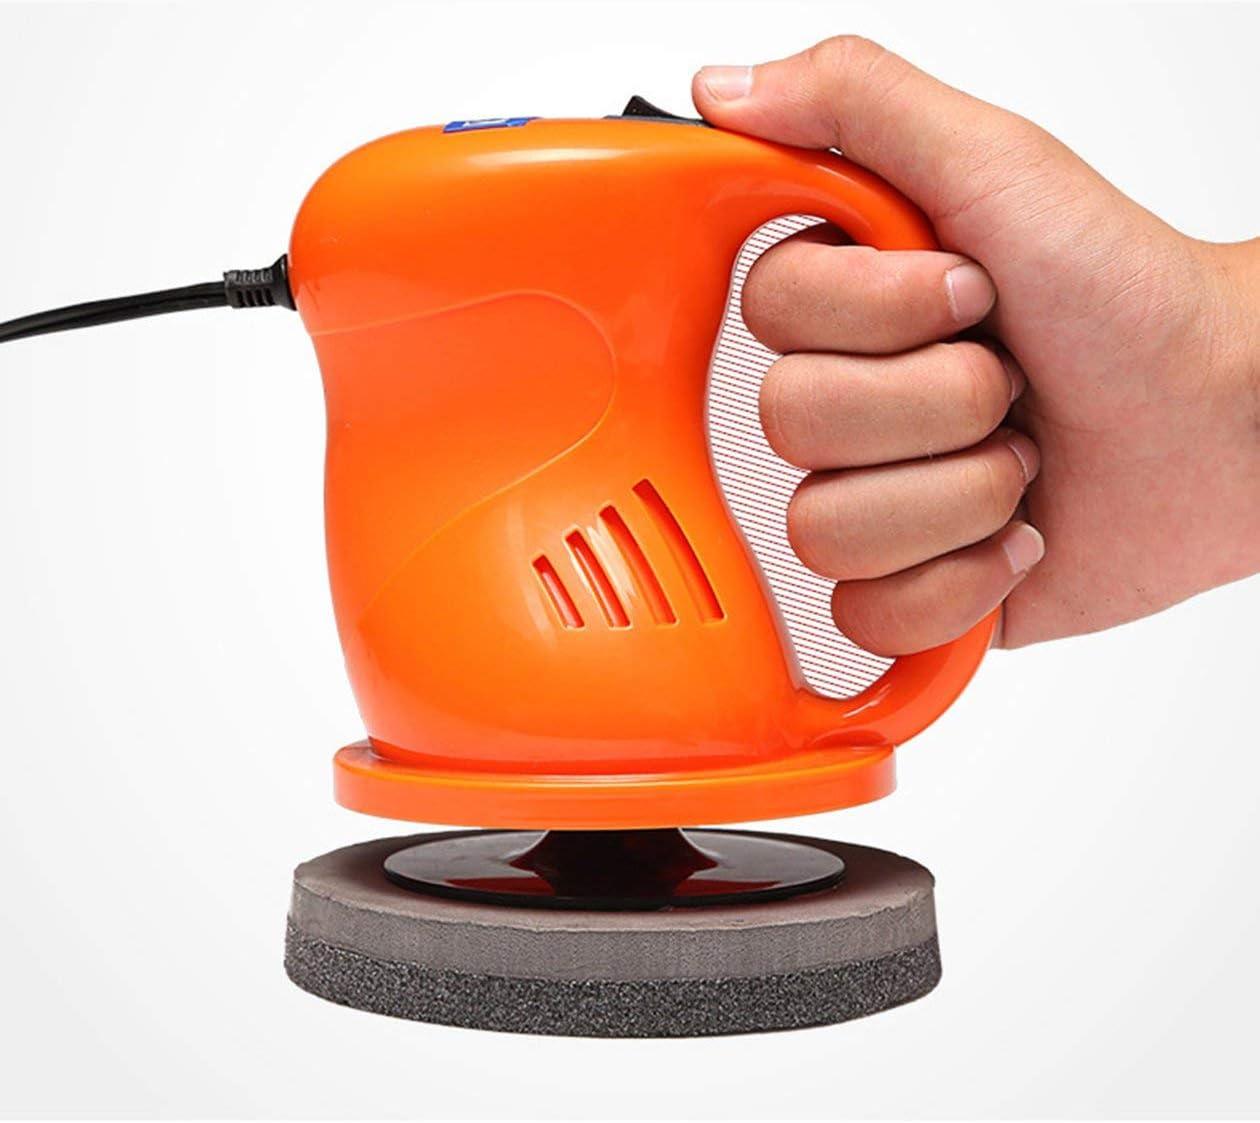 accesorios para coche enceradora pulidora de coche el/éctrico naranja M/áquina pulidora de coche de 12V 40W pulidora de coche universal